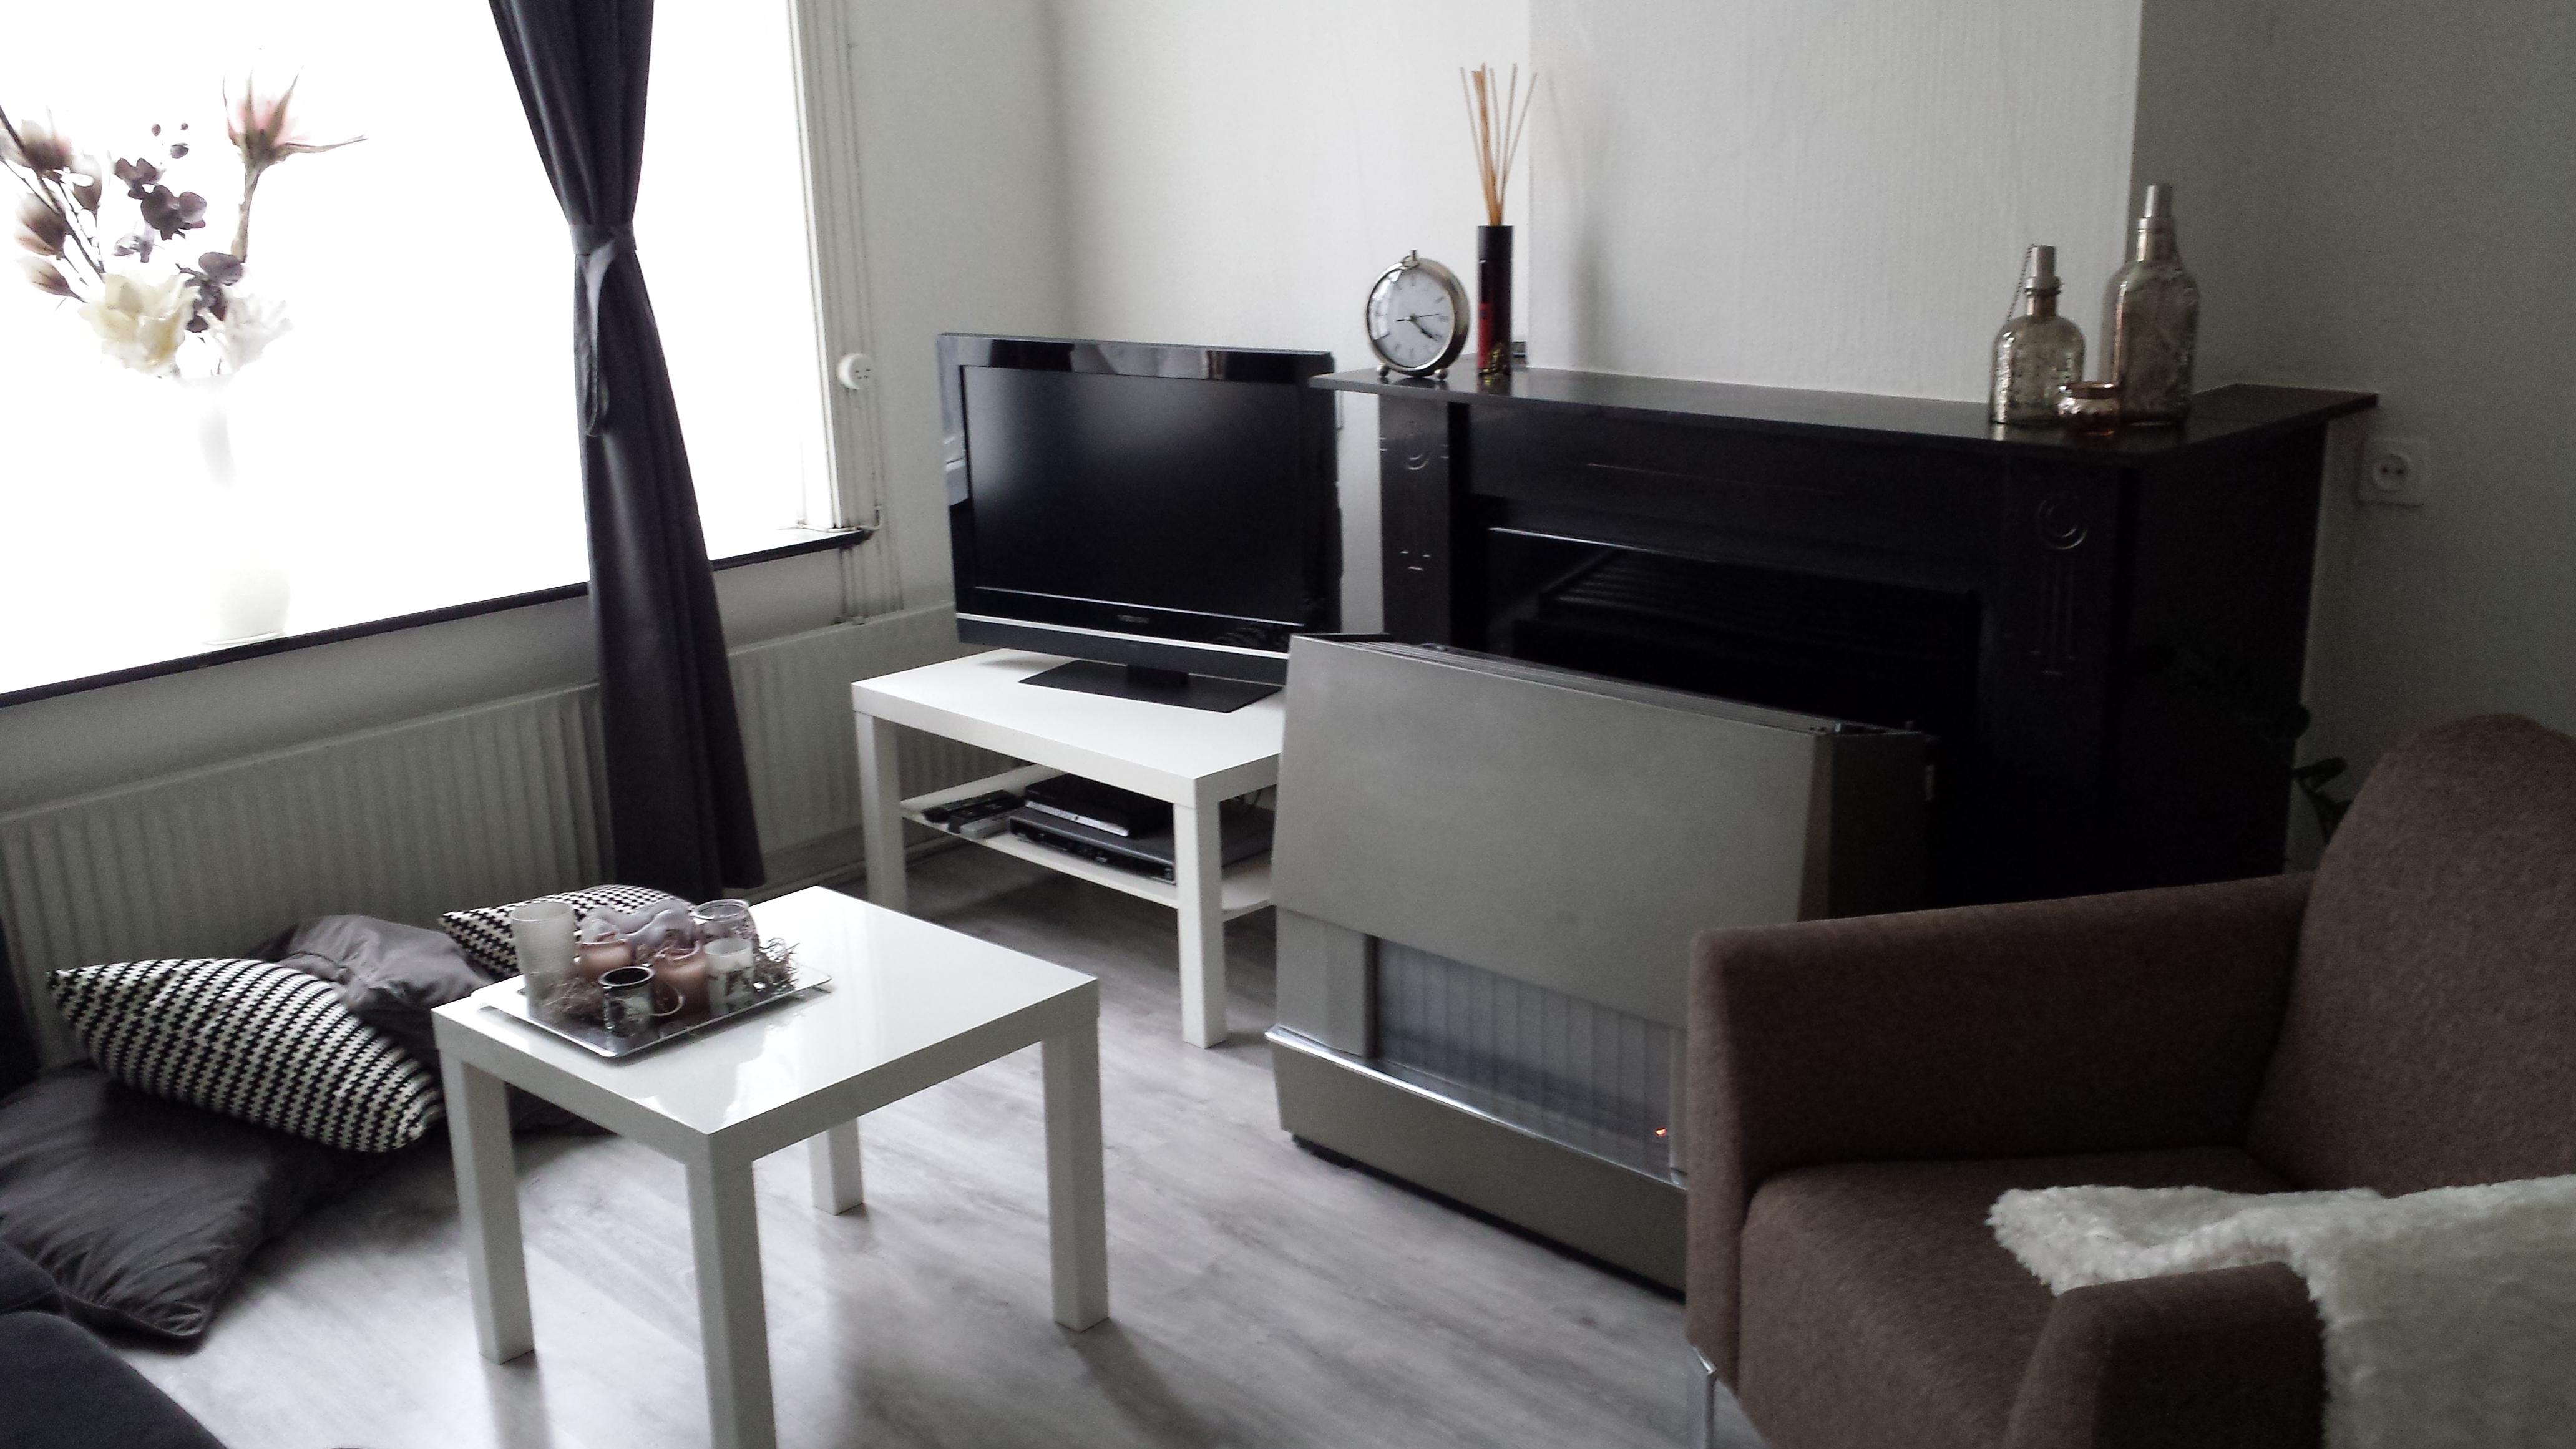 Persoonlijke update optima vita Inrichting kleine woonkamer